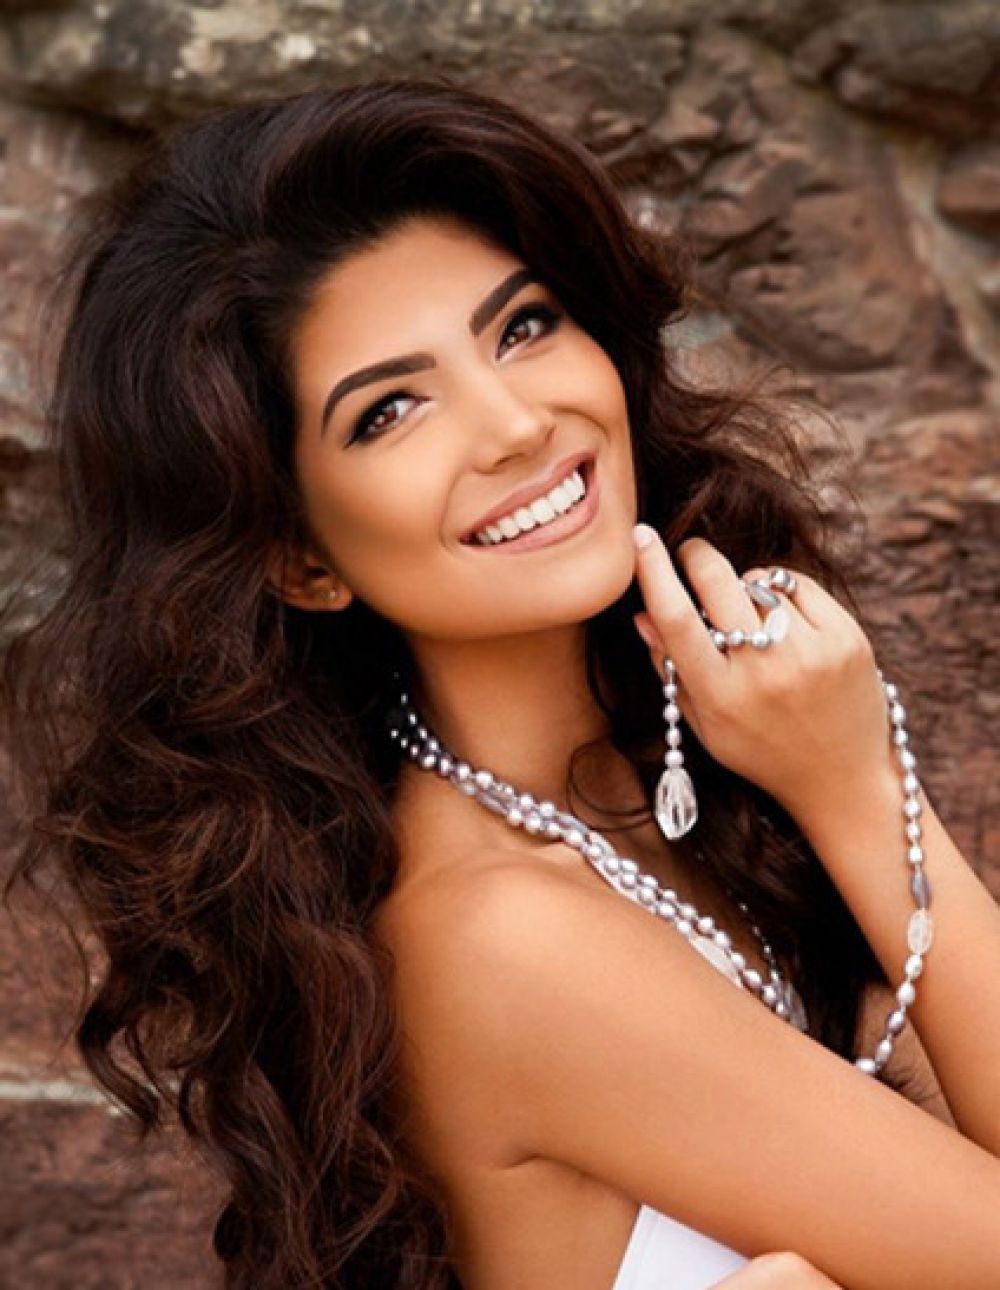 Участница конкурса «Мисс Вселенная» из Великобритании.